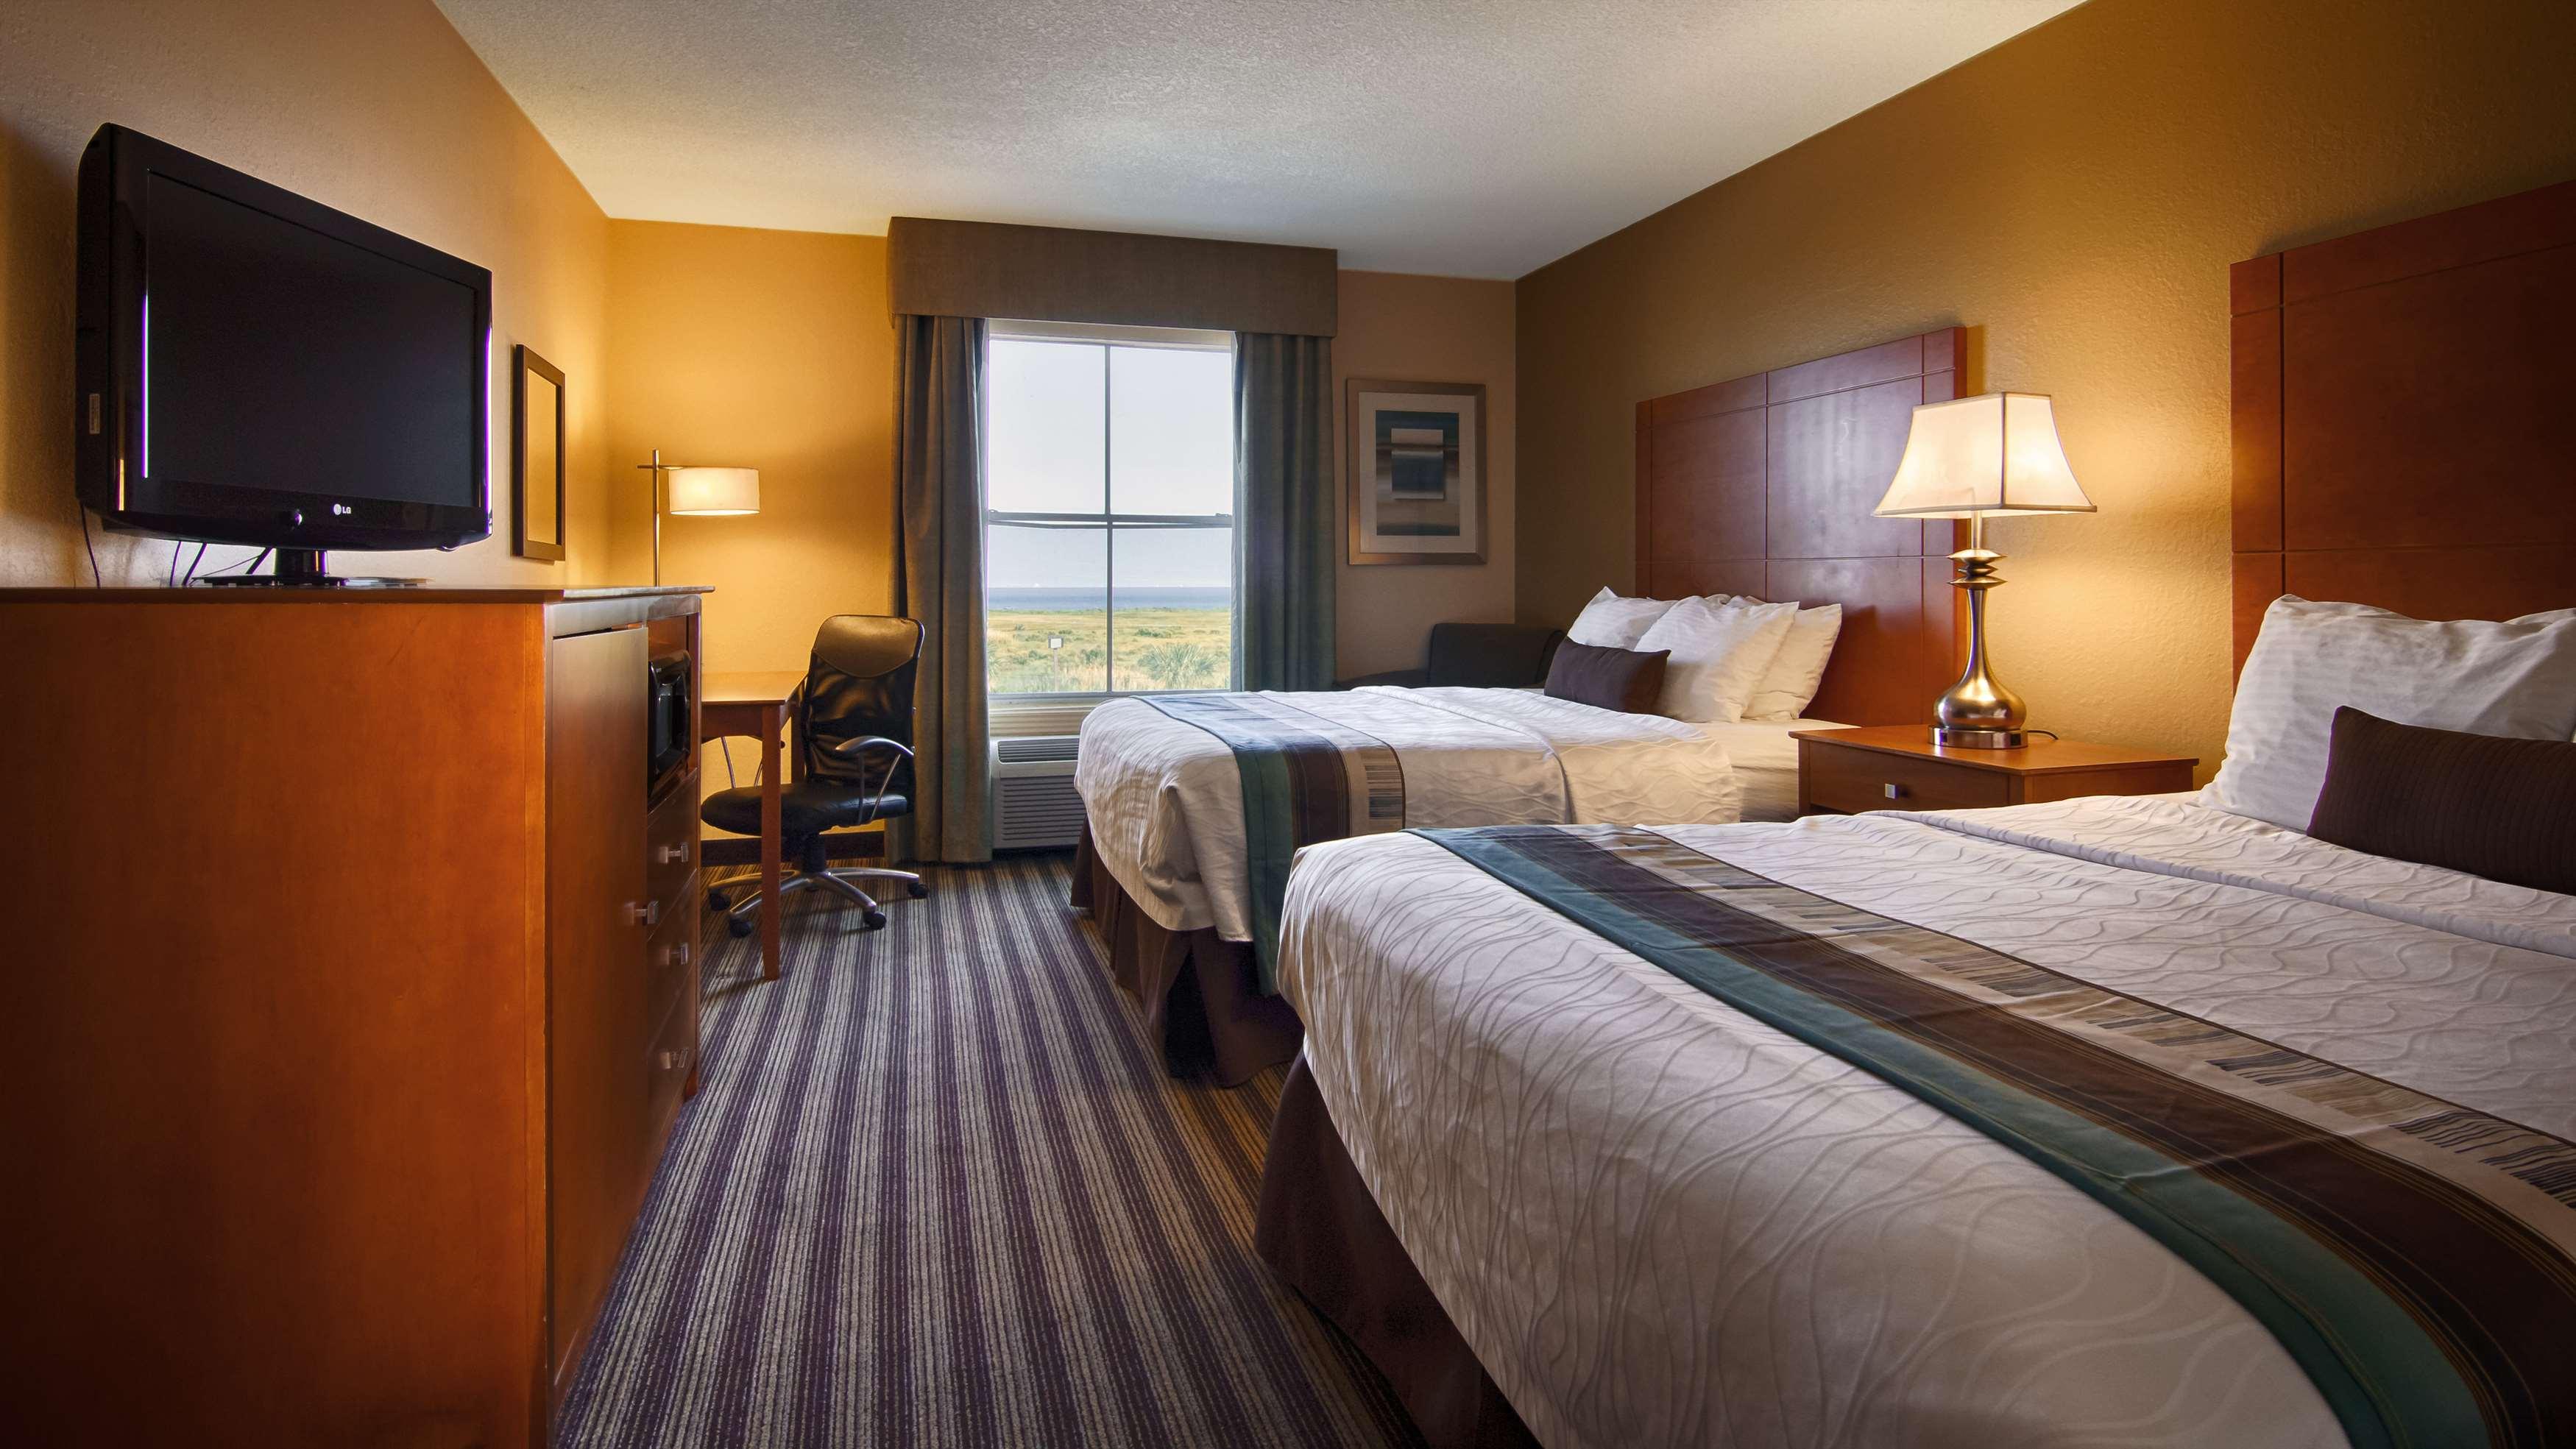 Best Western Plus Seawall Inn & Suites by the Beach image 7